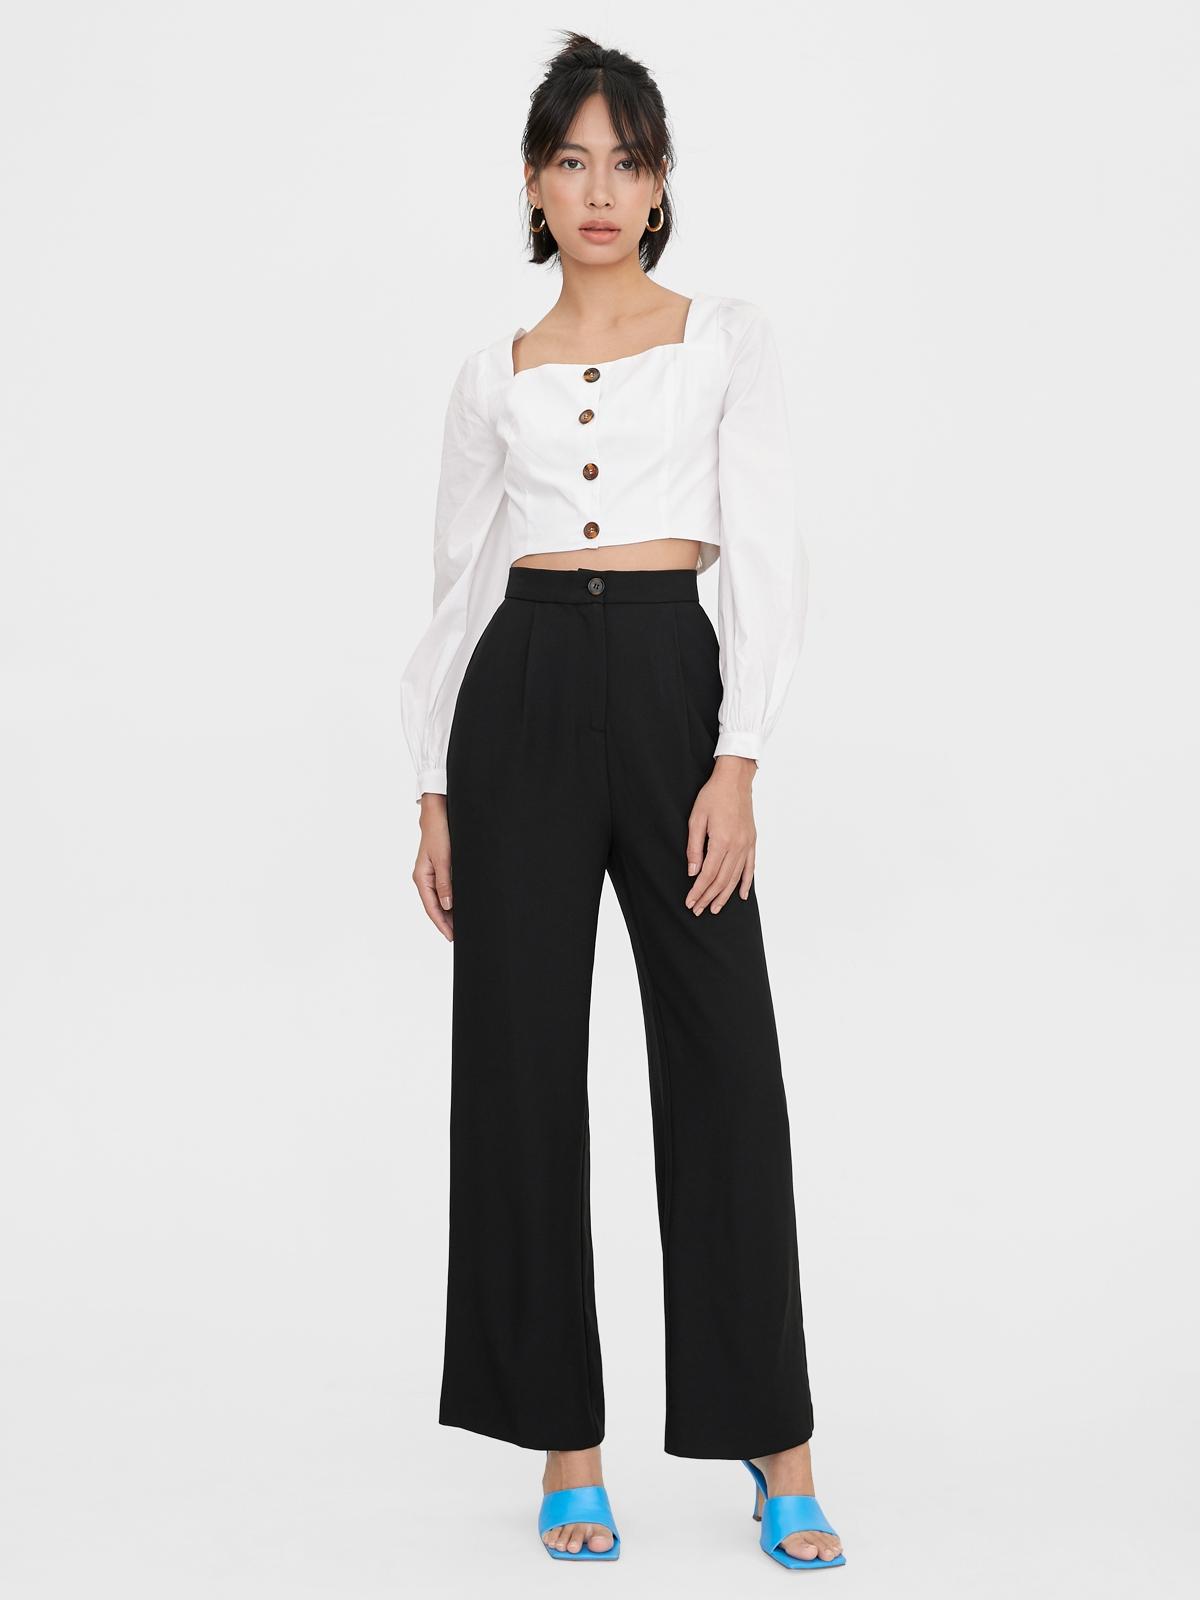 Single Button Wide Leg Pants Black